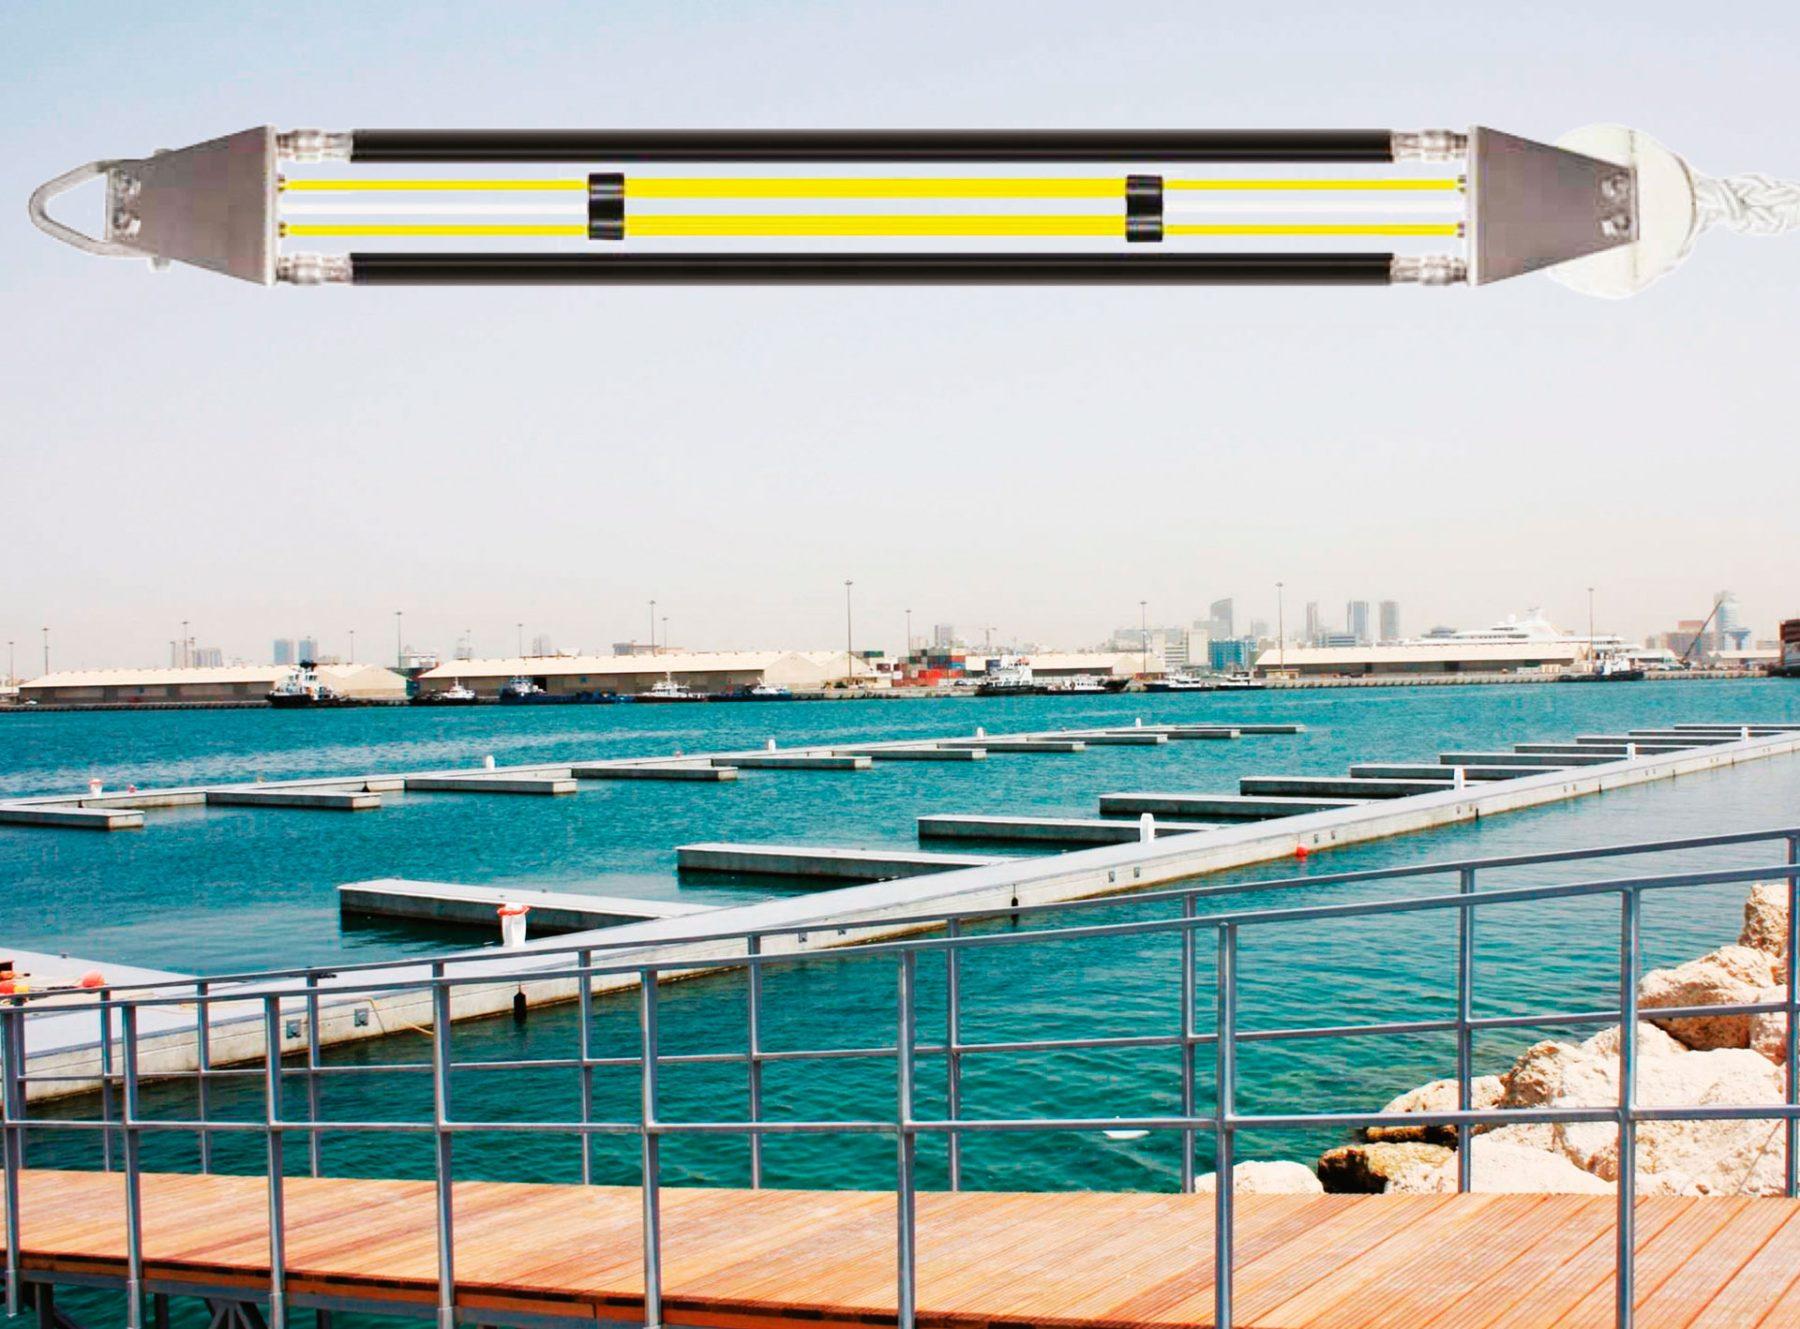 sistemi di ormeggio seaflex